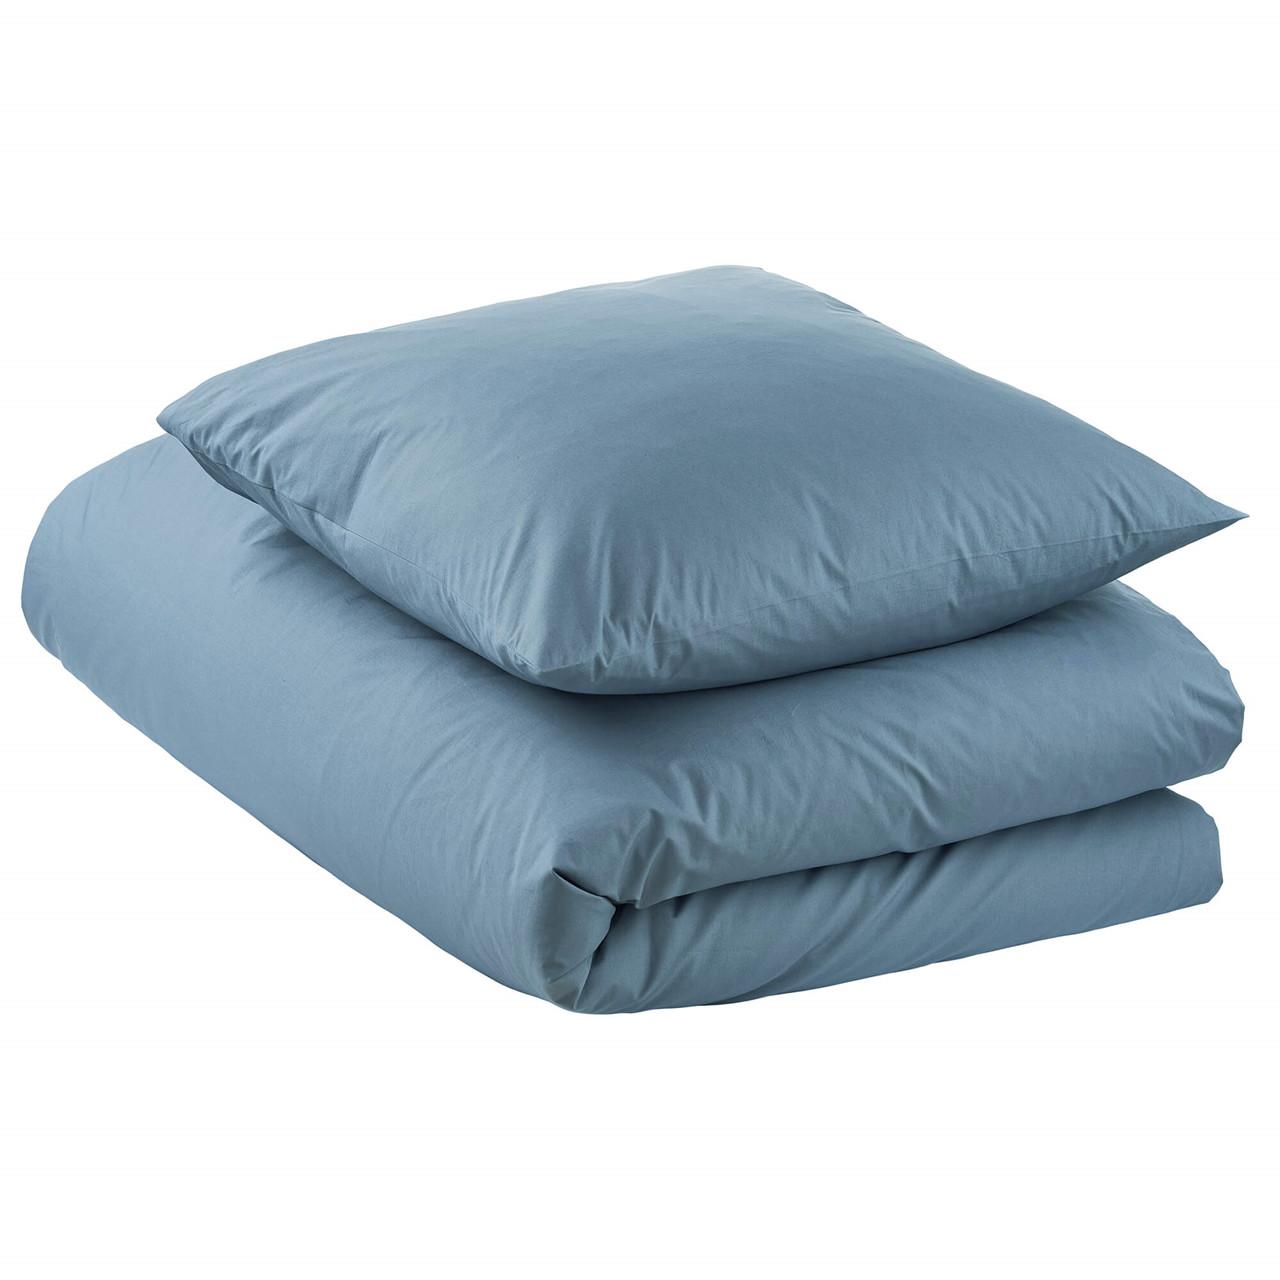 Køb PERCALE sengetøj China Blue (China Blue, 1 stk. 50×70-Pude / 1 stk. 140×200-Dyne)